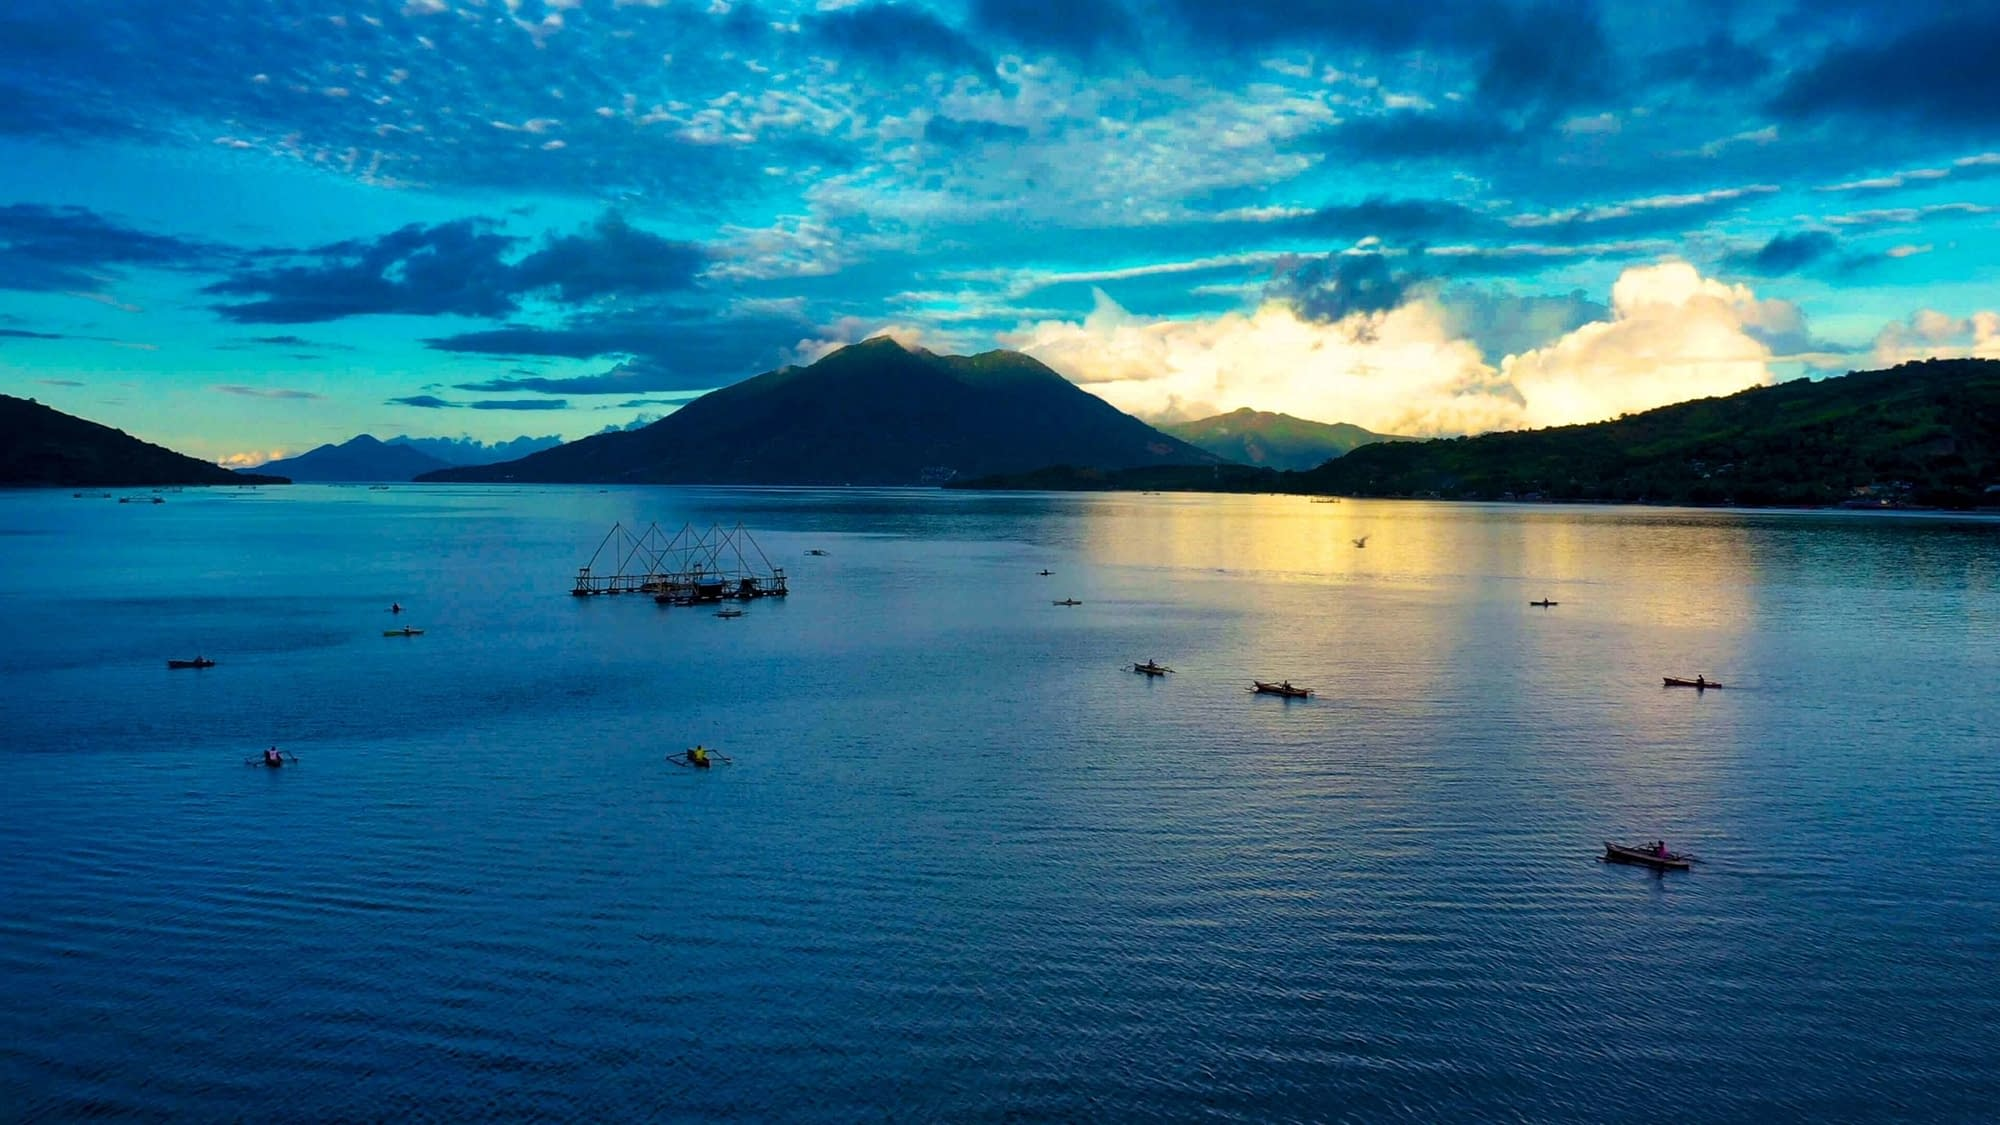 Sunset Kalabahi Bay - Alami Alor